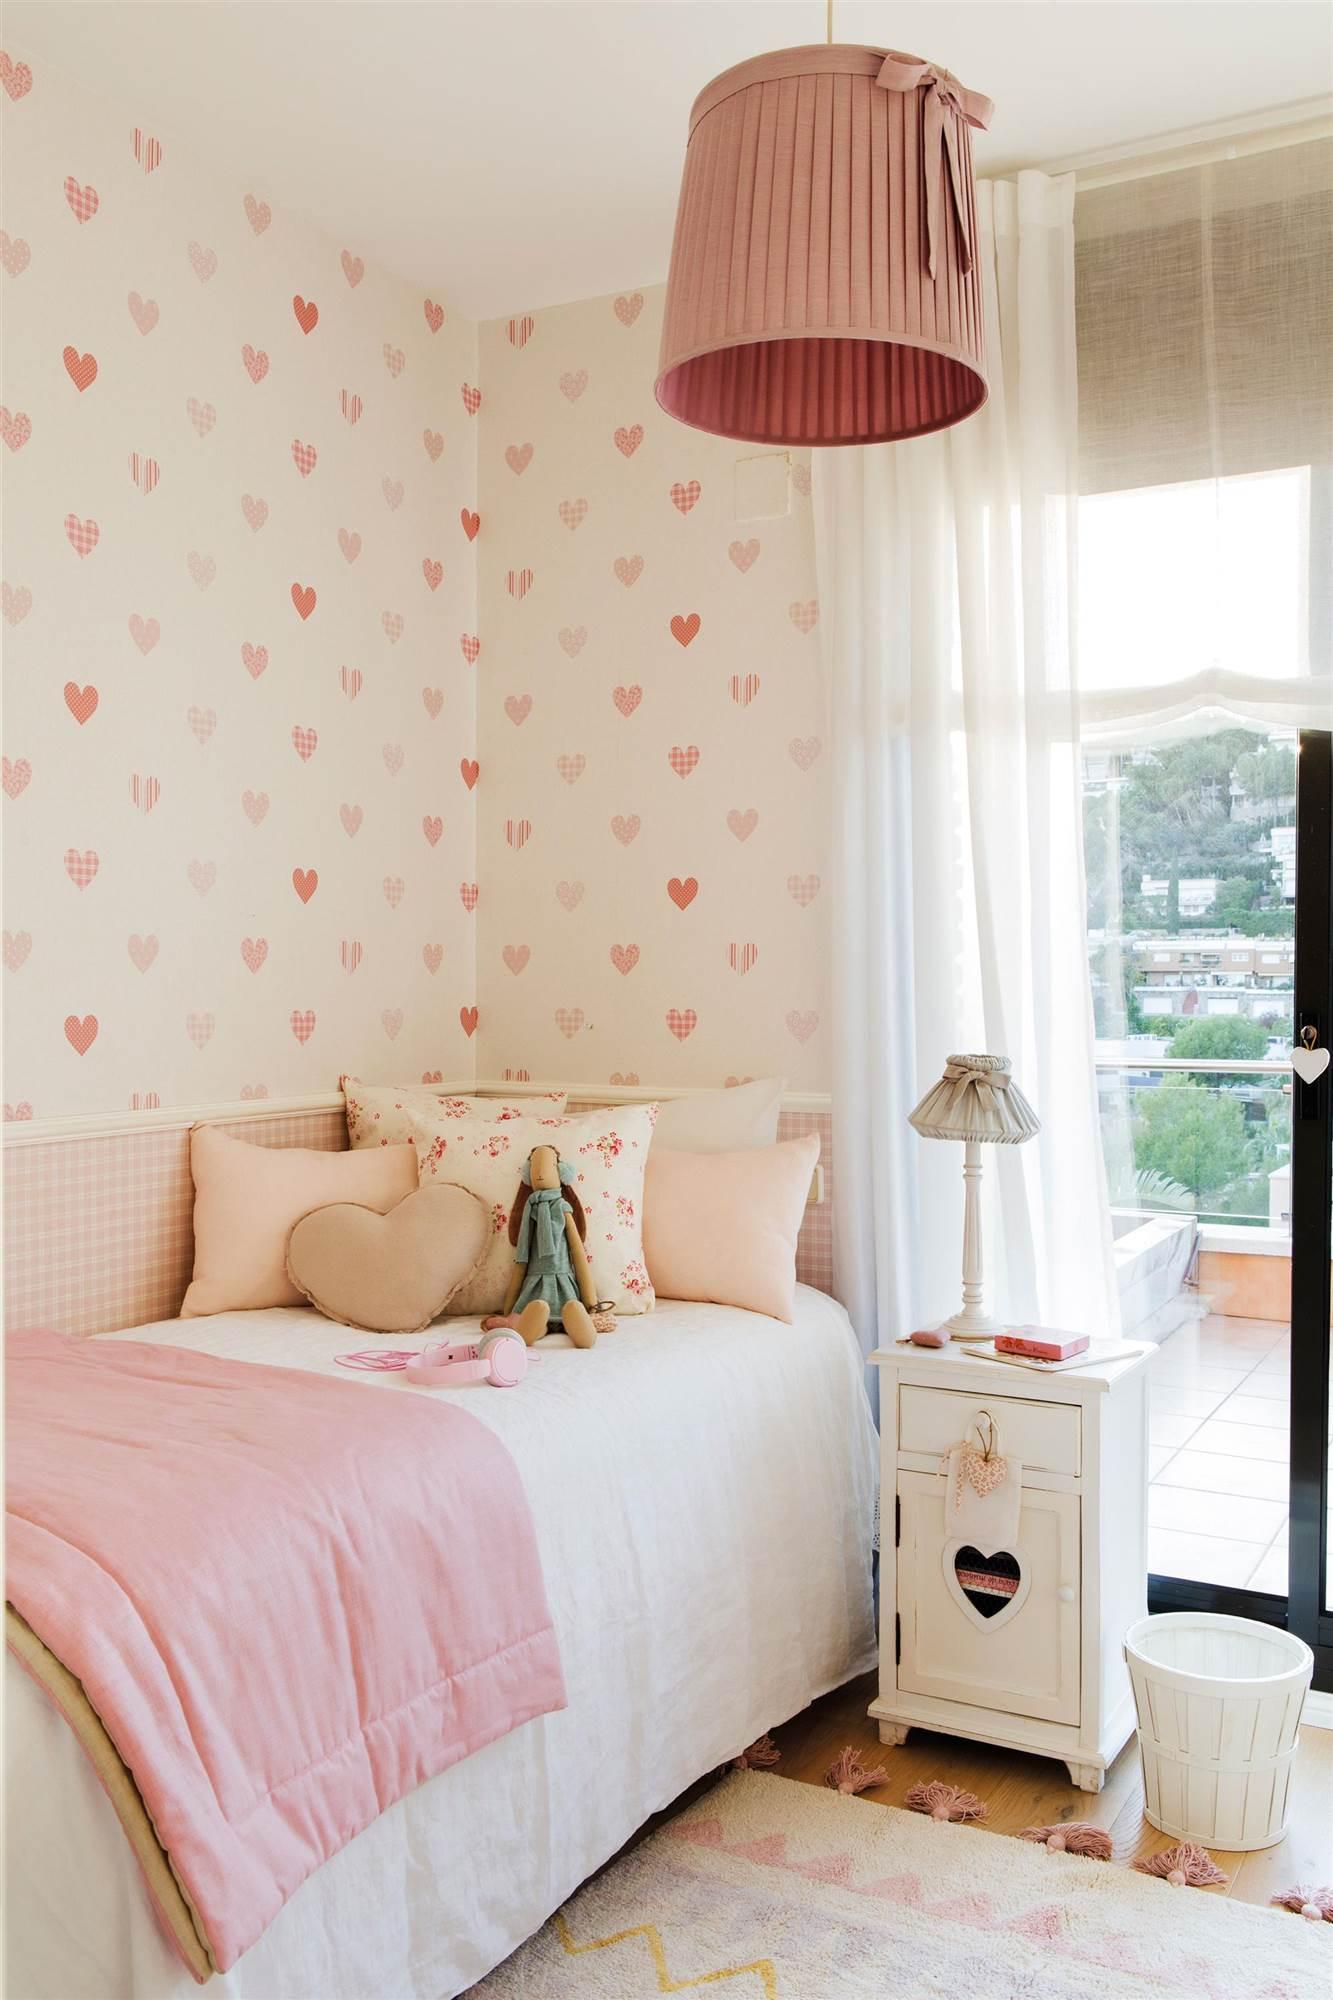 Pintura o papel pintado qu es mejor y pros y contras para elegir - Papel pintado habitacion bebe ...